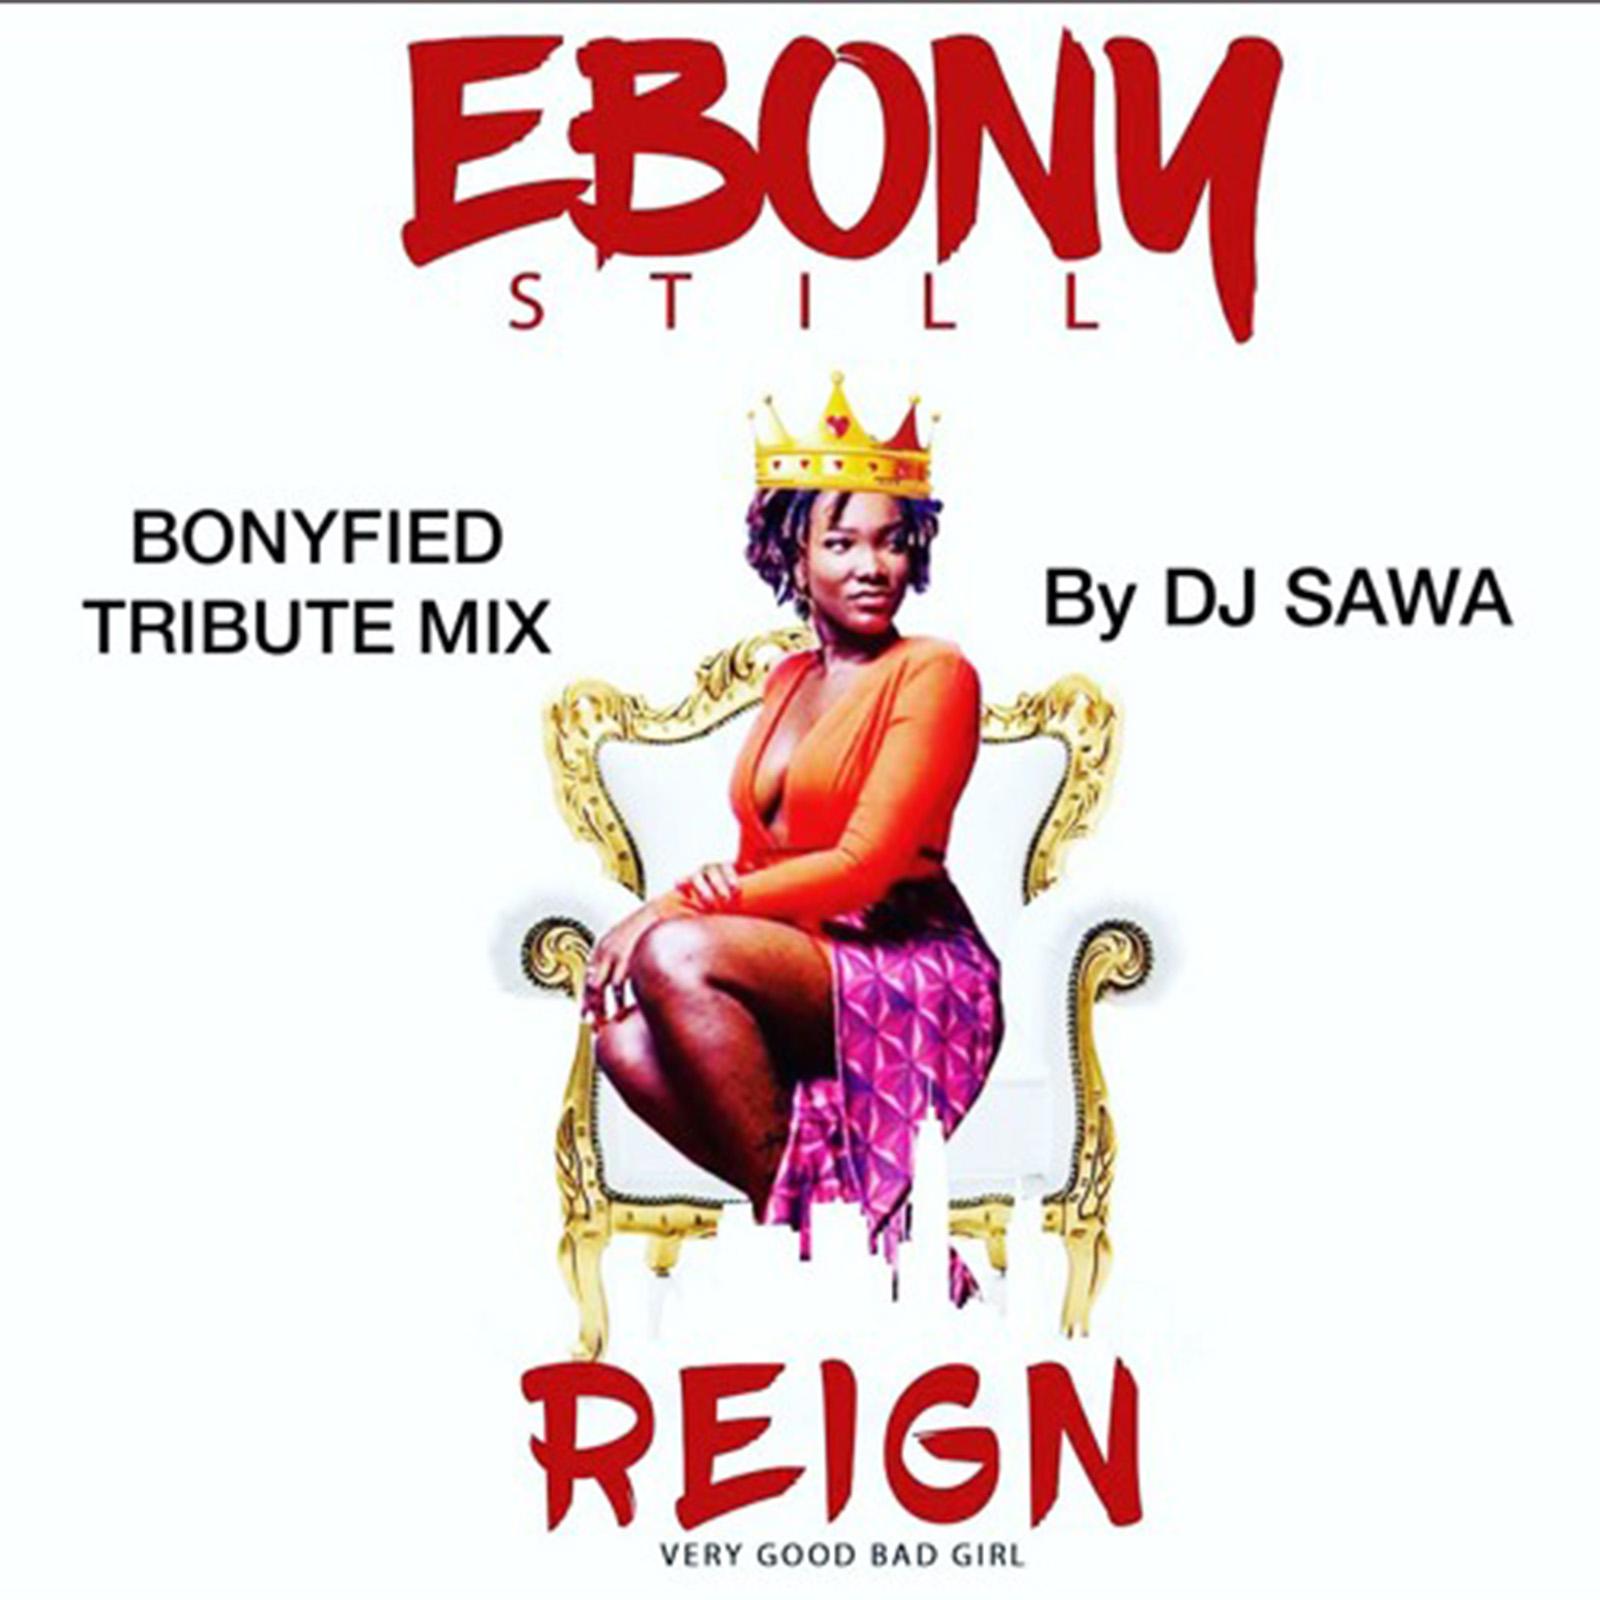 Bonyfied Tribute Mix by DJ Sawa